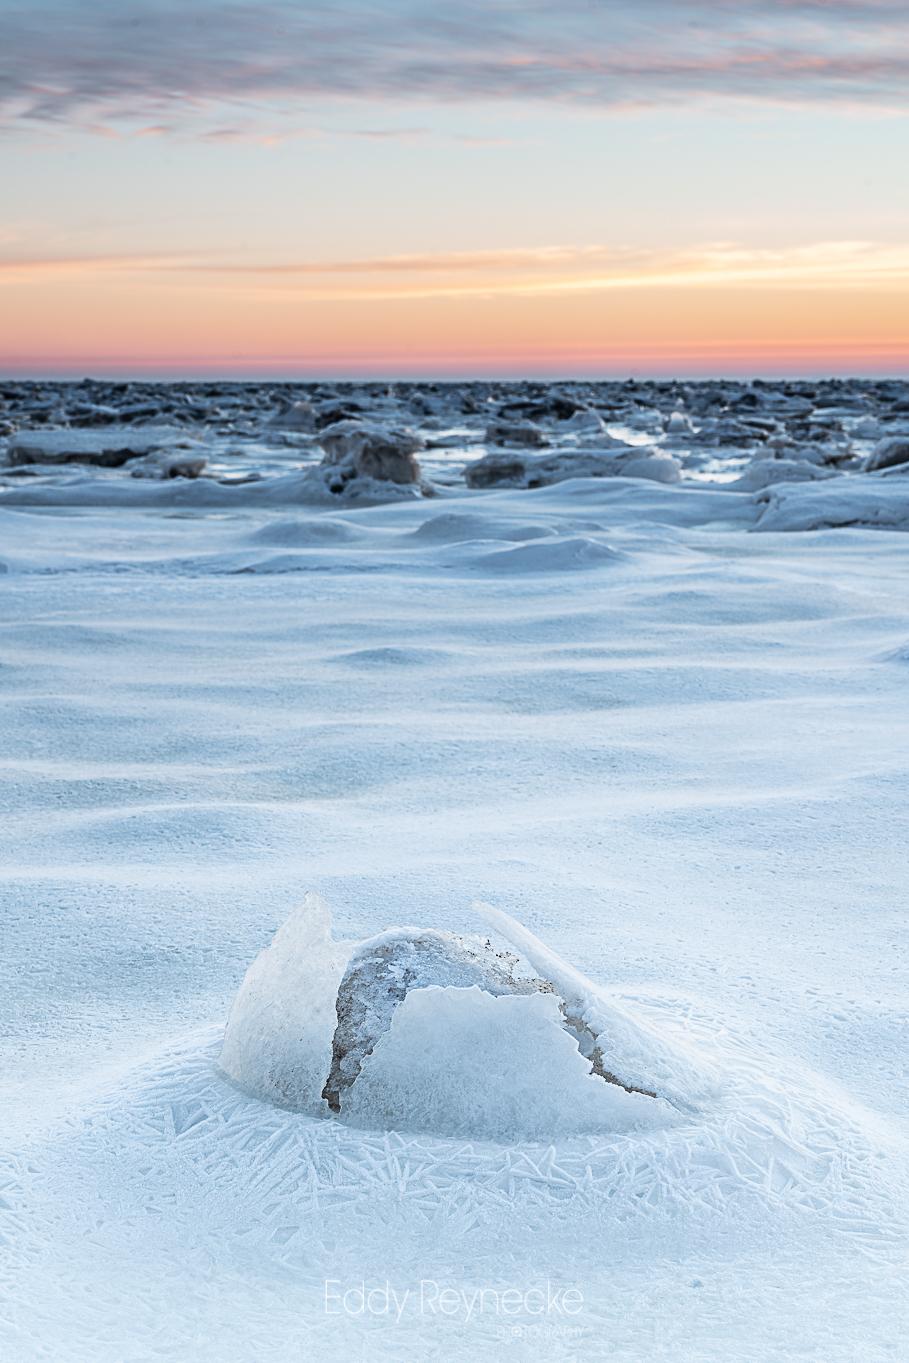 Dino Egg - DINO EGG  Gebarsten ijs bij Punt van Reide. zien jullie de details op de voorgrond en het gebarsten ijs? Heel mooi.  (En ja, de achtergrond is ni - foto door eddy-reynecke op 19-02-2021 - deze foto bevat: lucht, wolken, zon, zee, water, dijk, natuur, licht, sneeuw, winter, ijs, spiegeling, landschap, tegenlicht, zonsopkomst, kust, wadden, wad, lange sluitertijd, arctic vibes